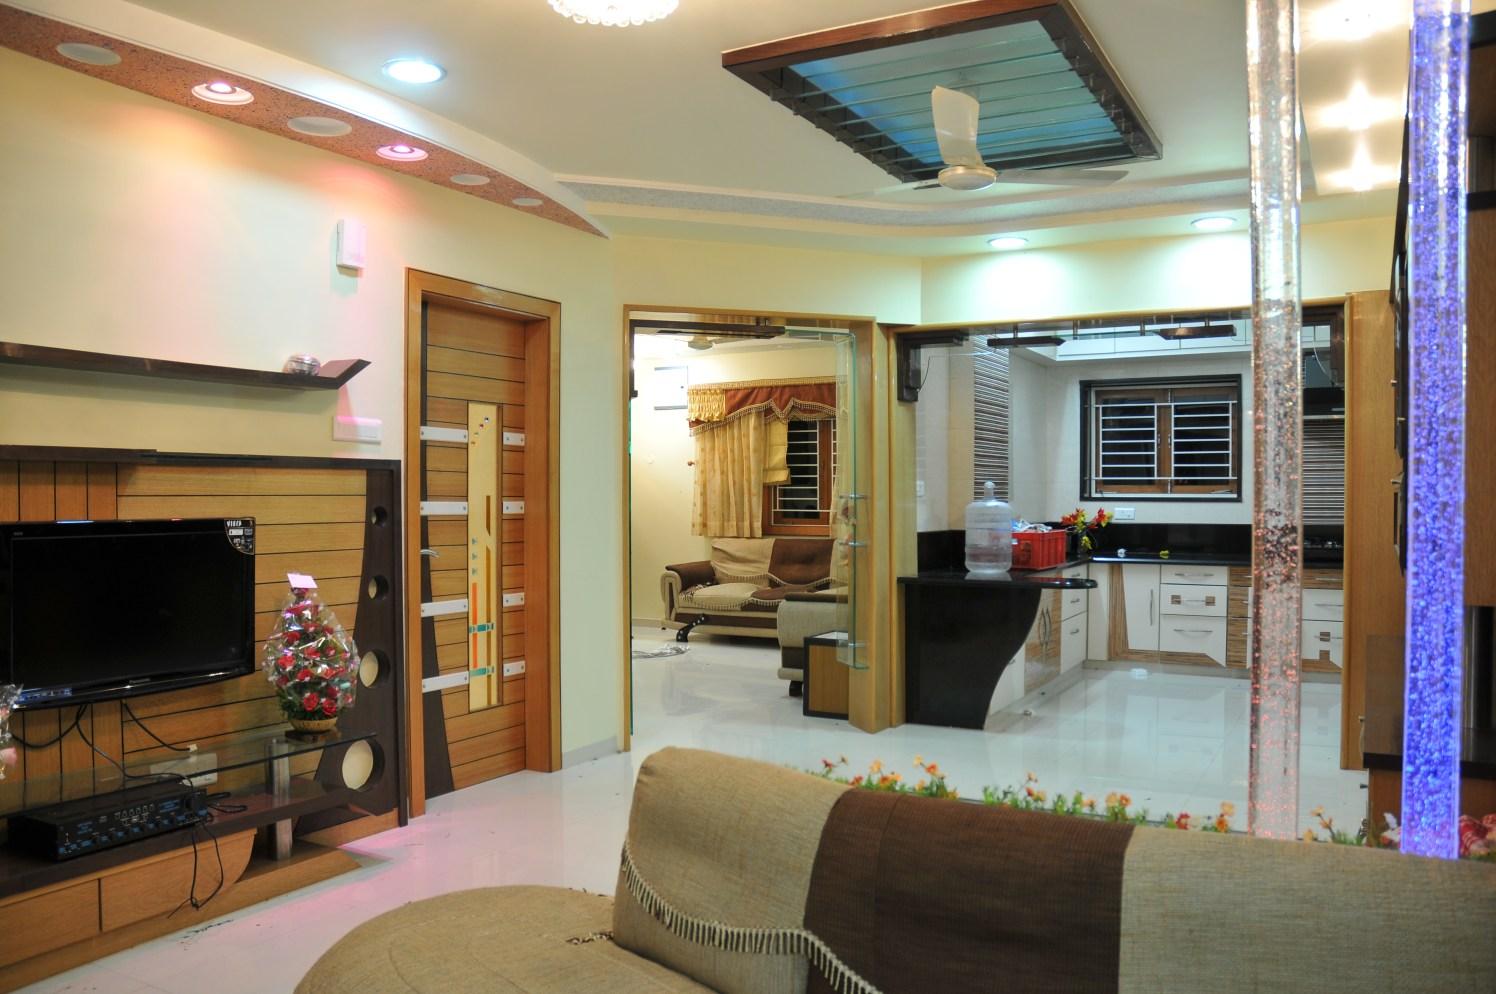 Retro Contemporary Living Room by Bhavin Shah Modern Contemporary   Interior Design Photos & Ideas